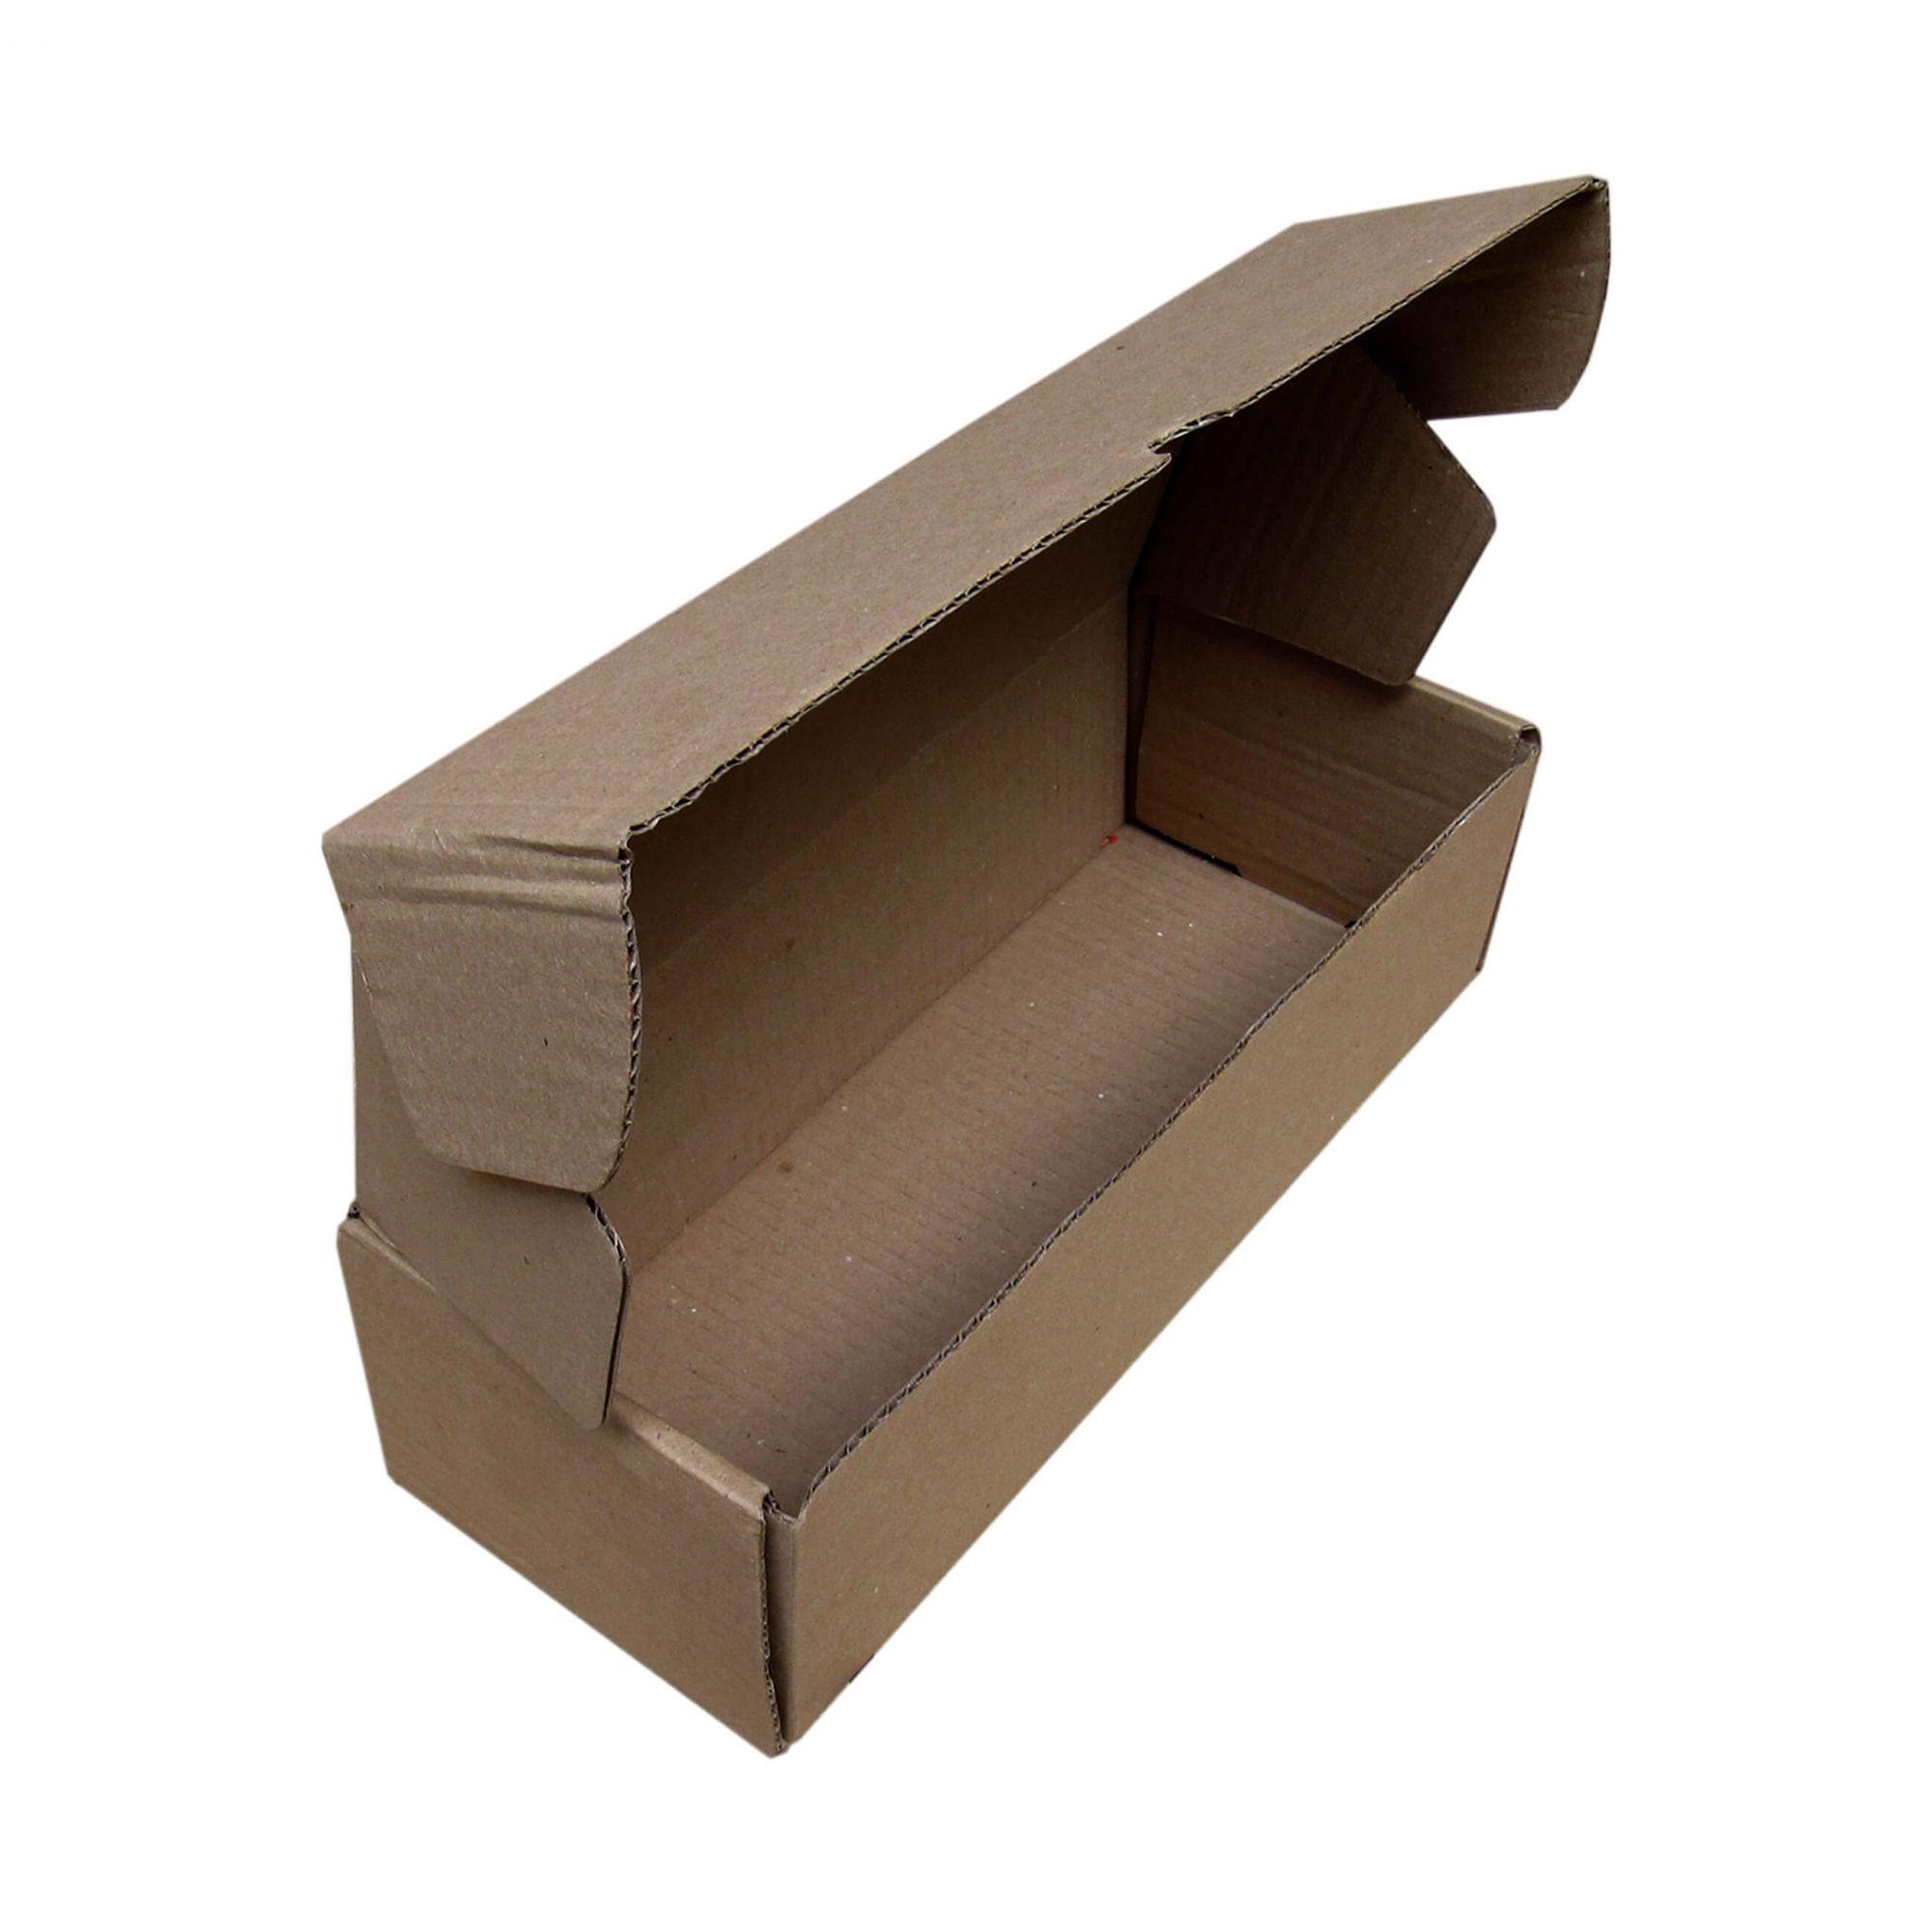 Caixa de Papelão para correios M3 32x13x10cm Marpax 25 un